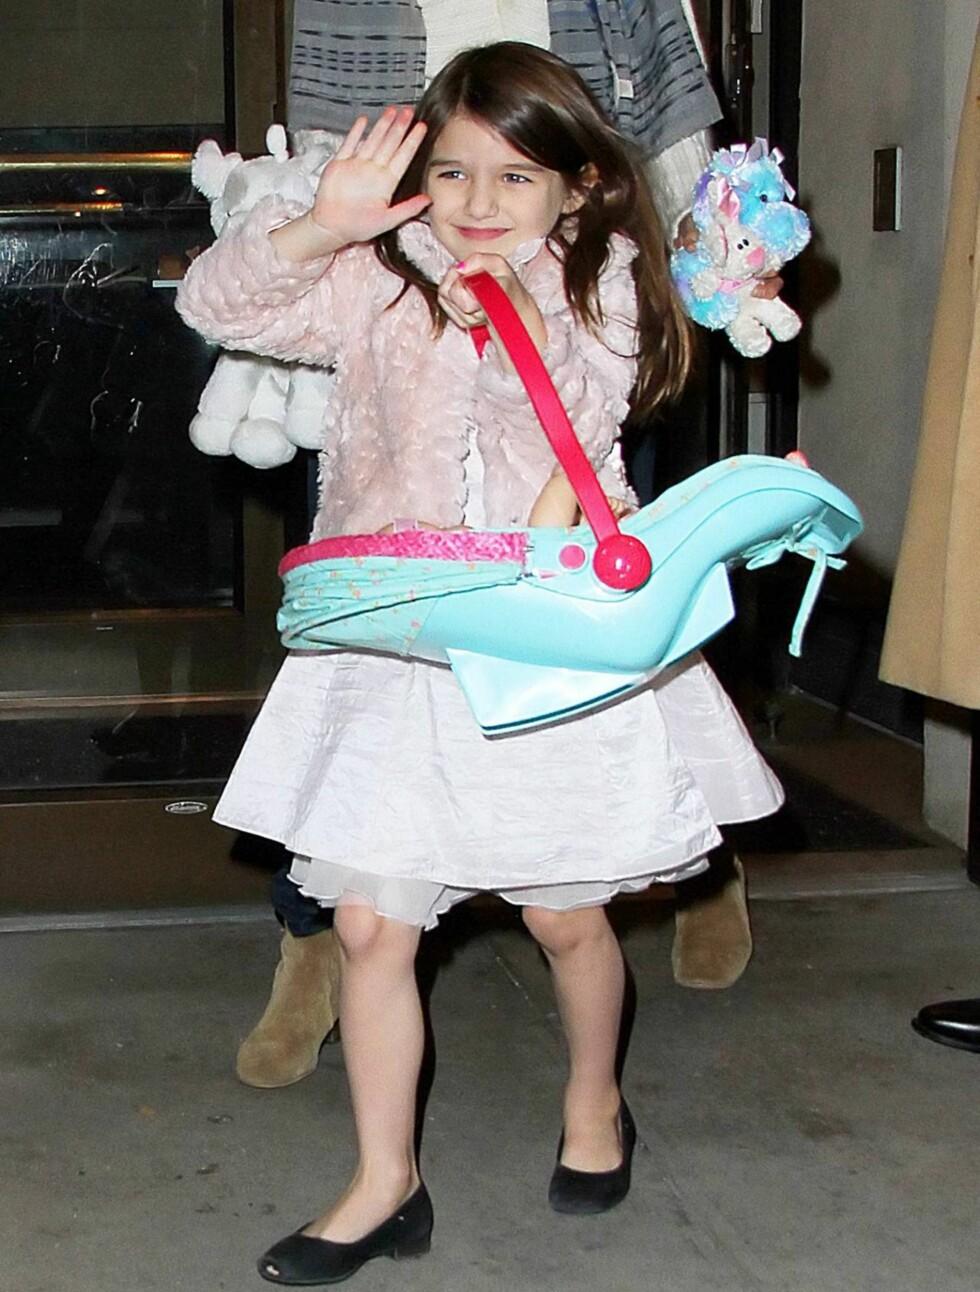 <strong>BLID:</strong> Den lille jenta var fornøyd da hun hadde med seg dukken sin på tur.  Foto: All Over Press